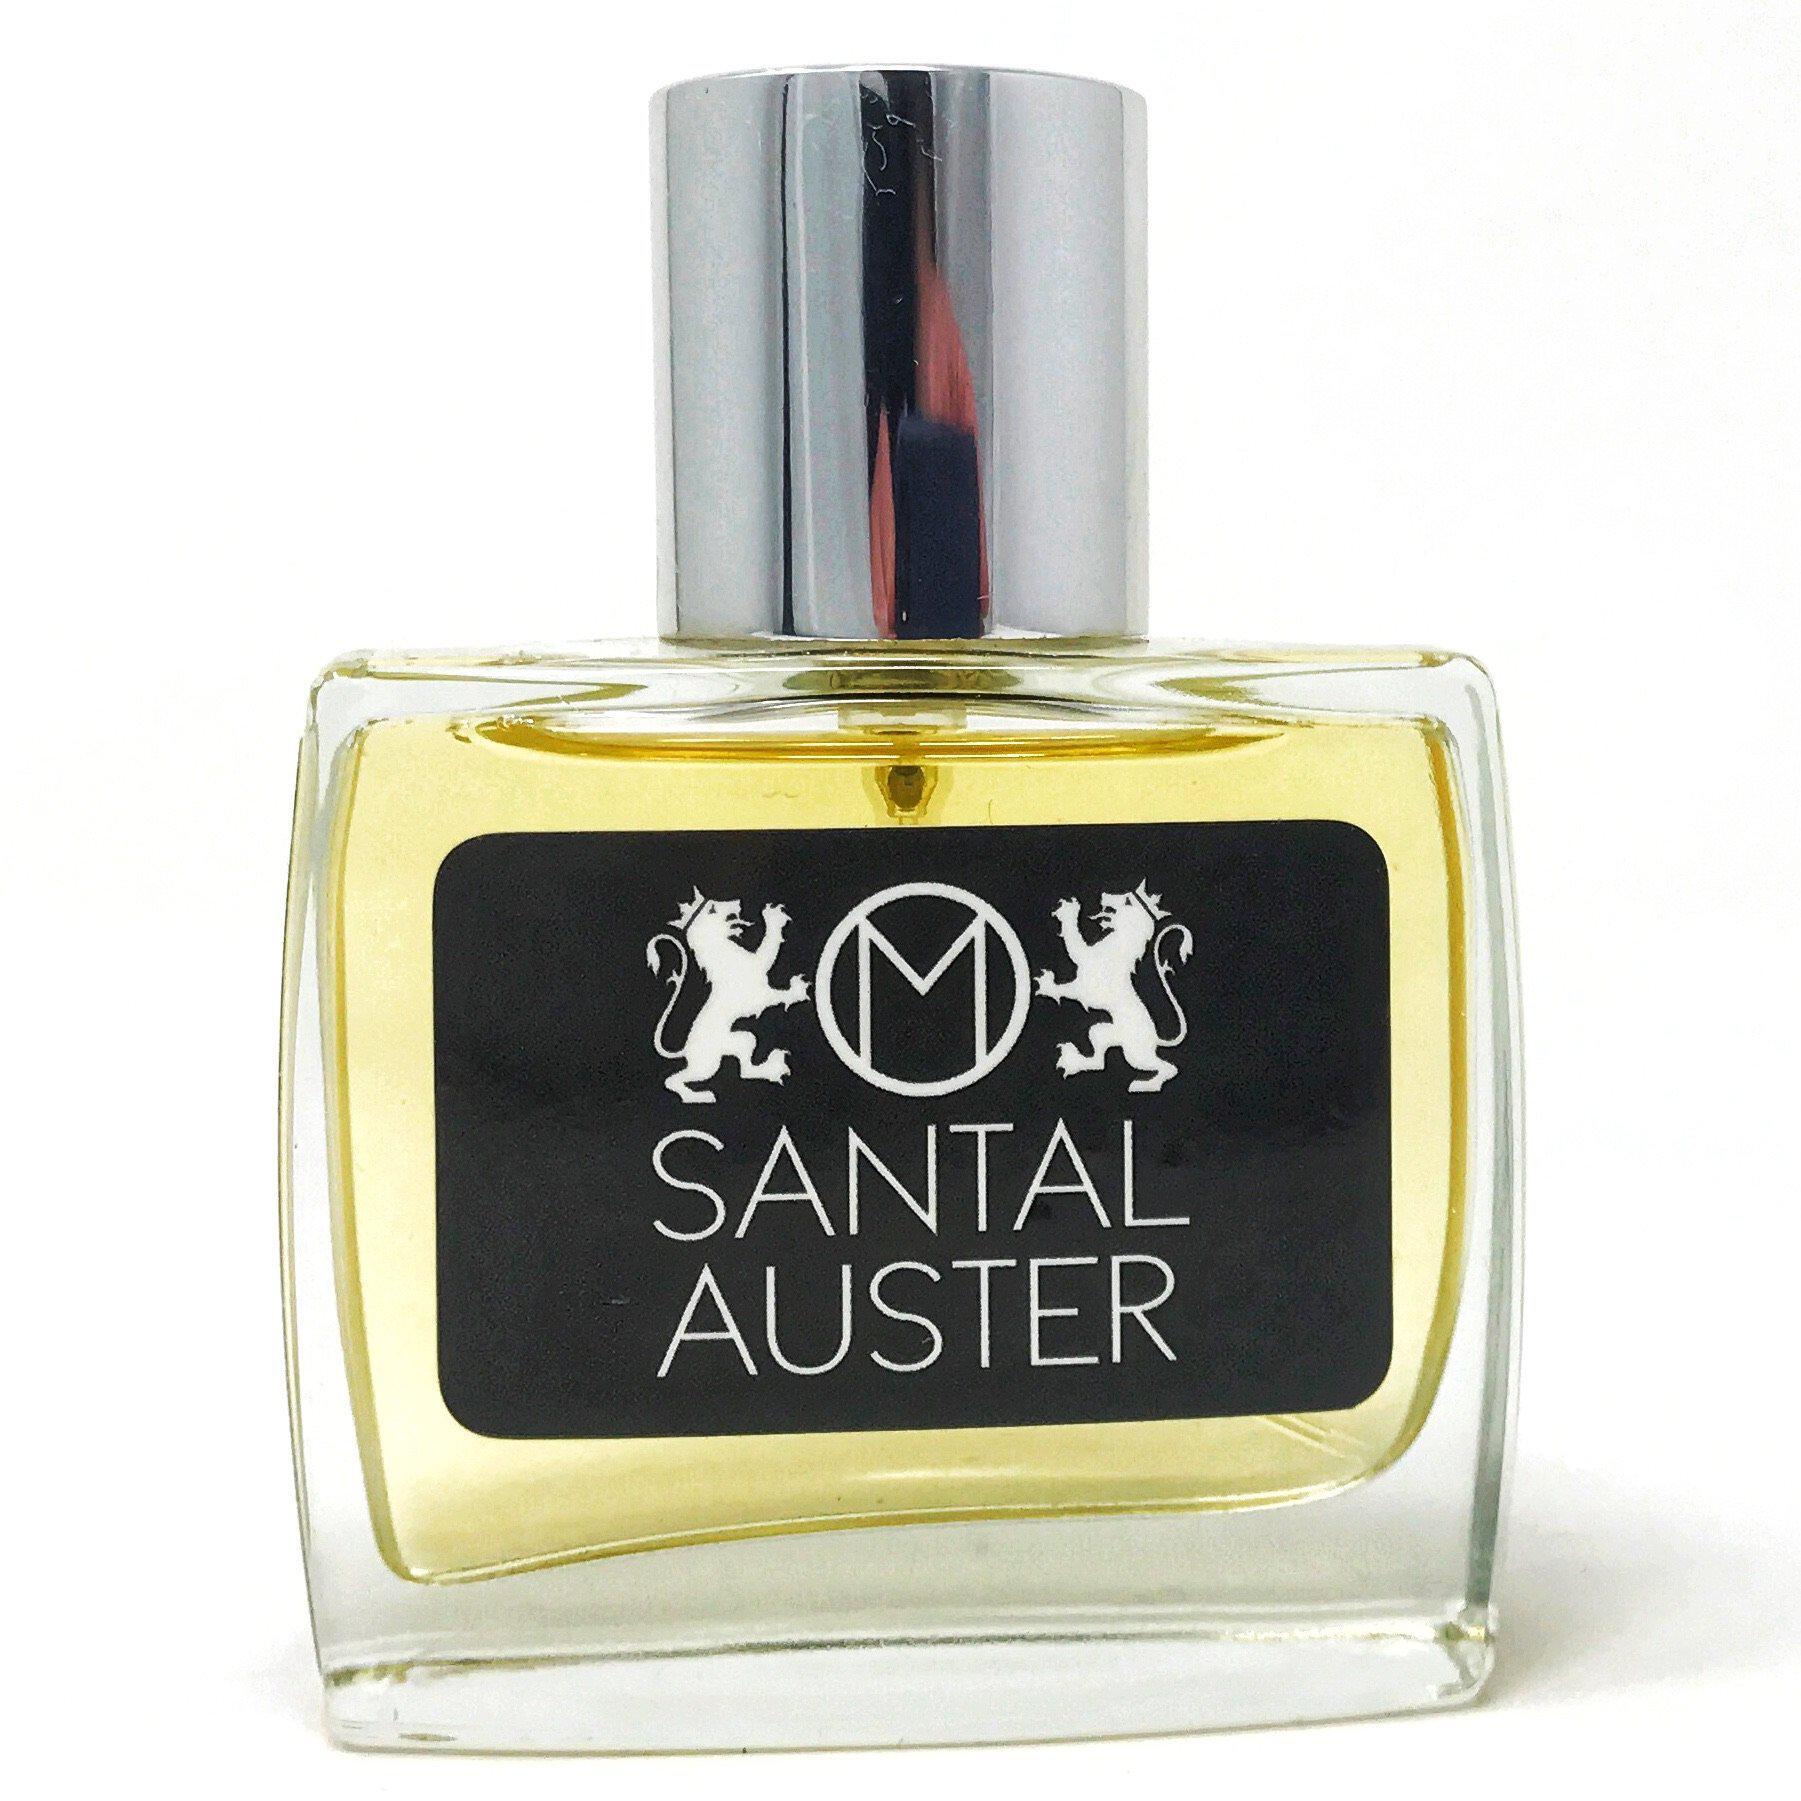 Maher Olfactive - Santal Auster - Eau de Parfum image